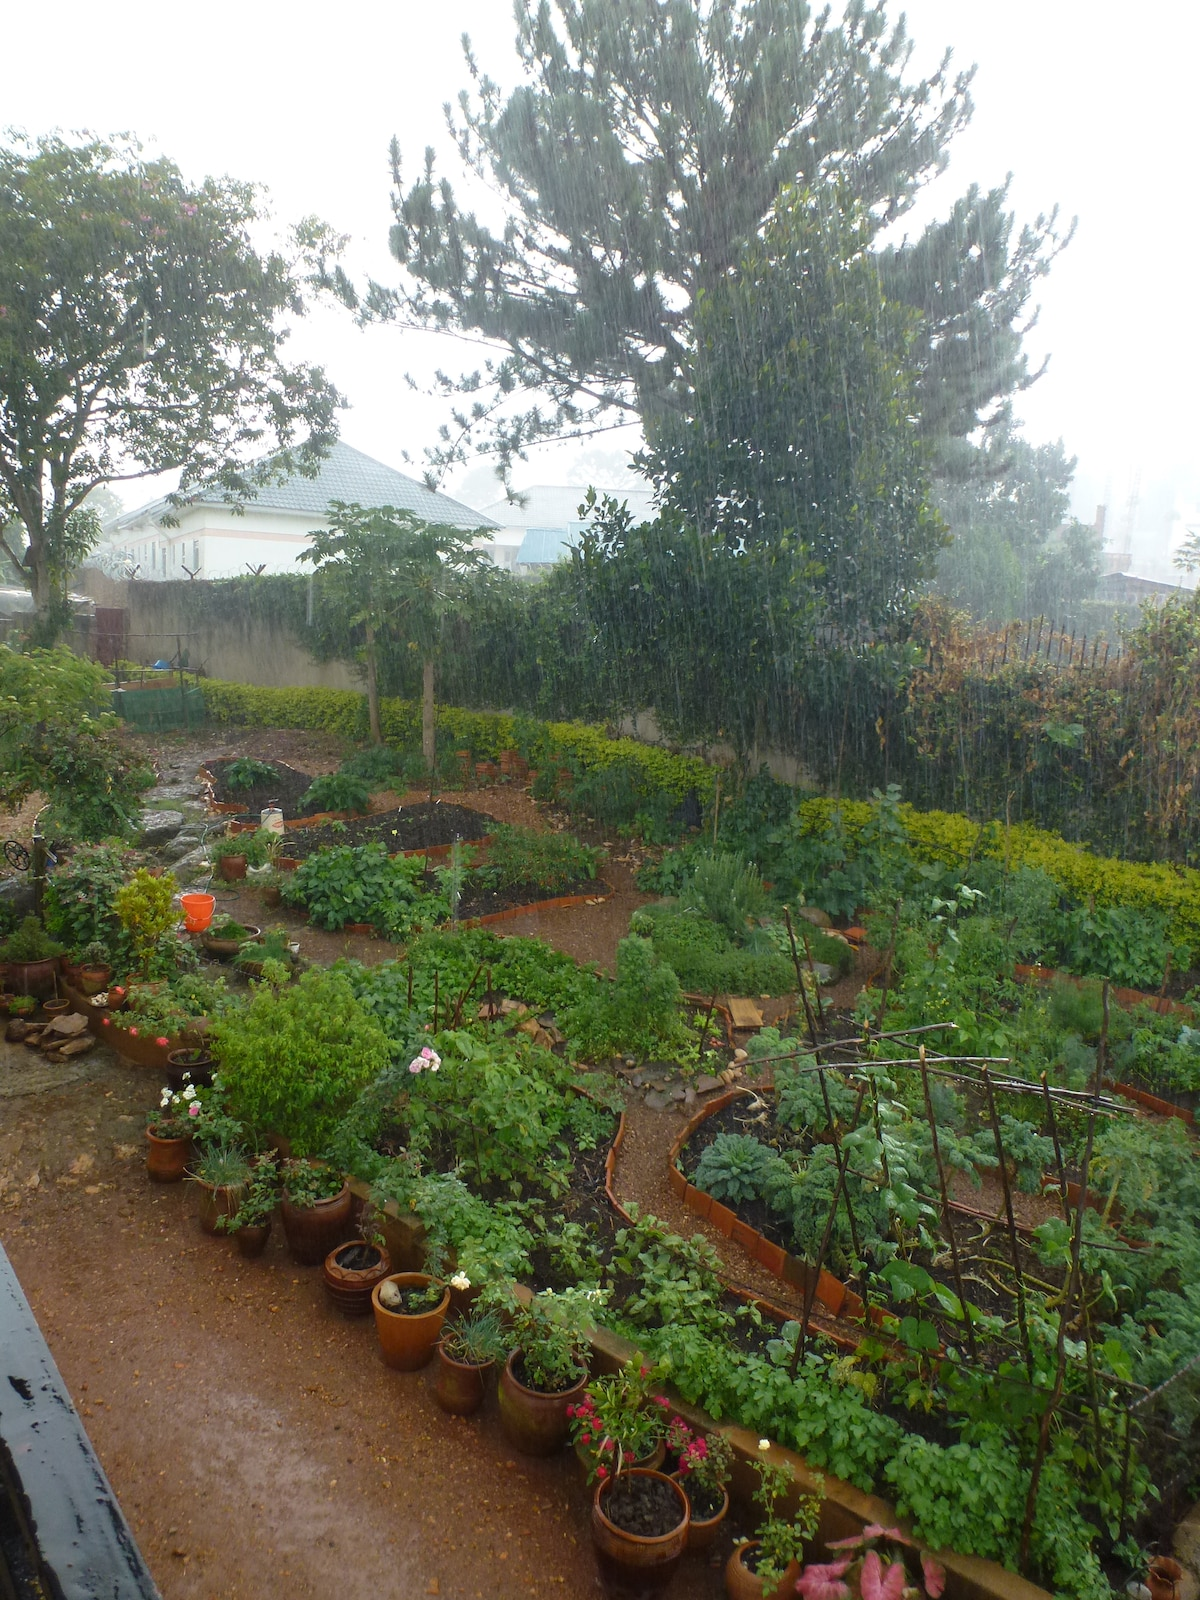 View of veggie garden from upper terrace